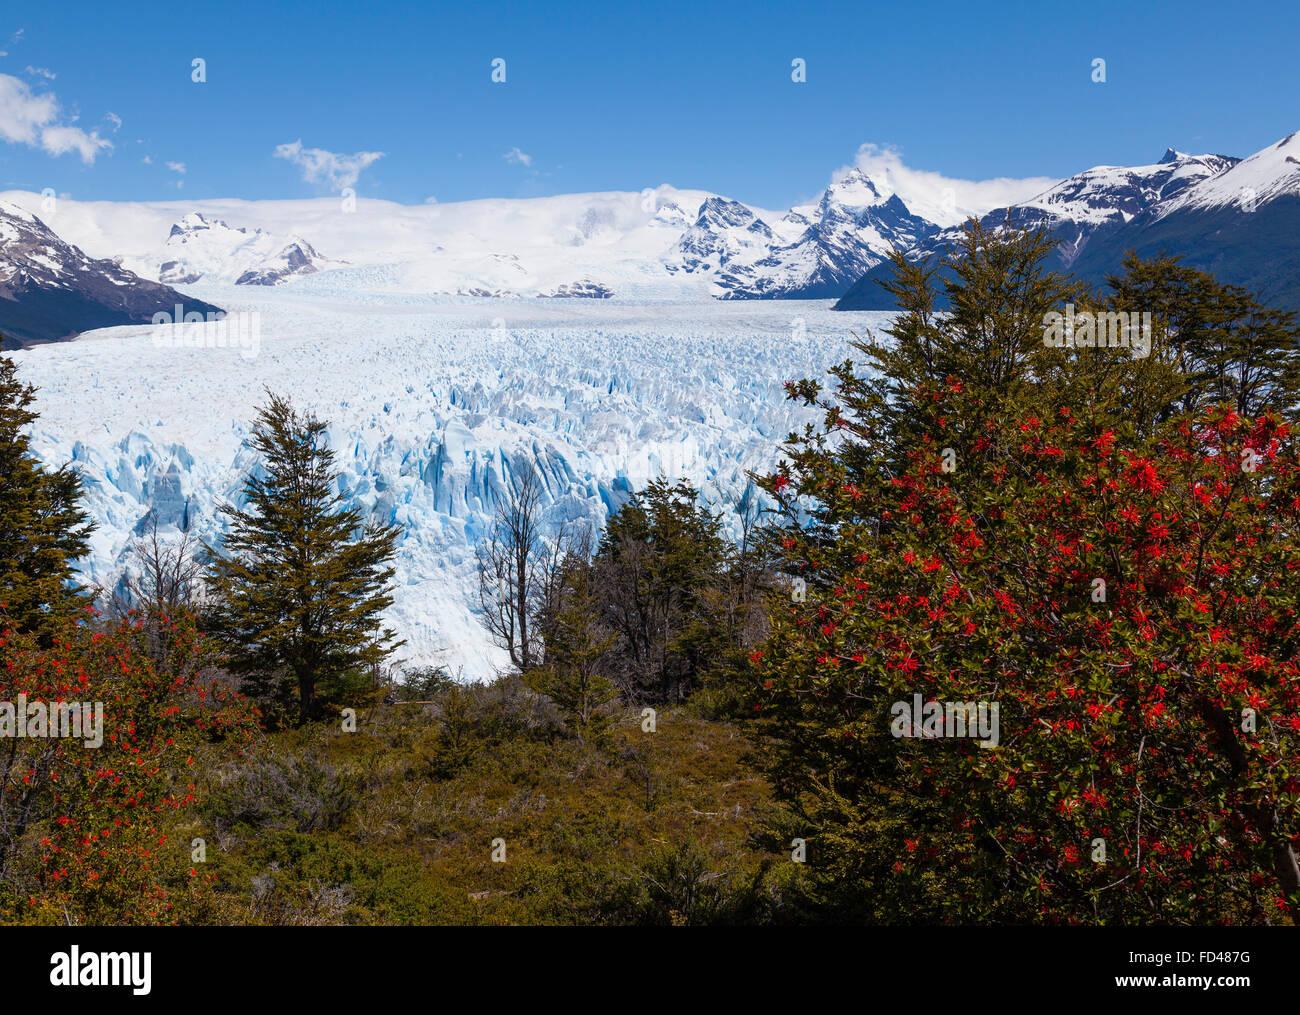 Moreno ghiacciaio con fire bush arbusto, Patagonia, Argentina Immagini Stock